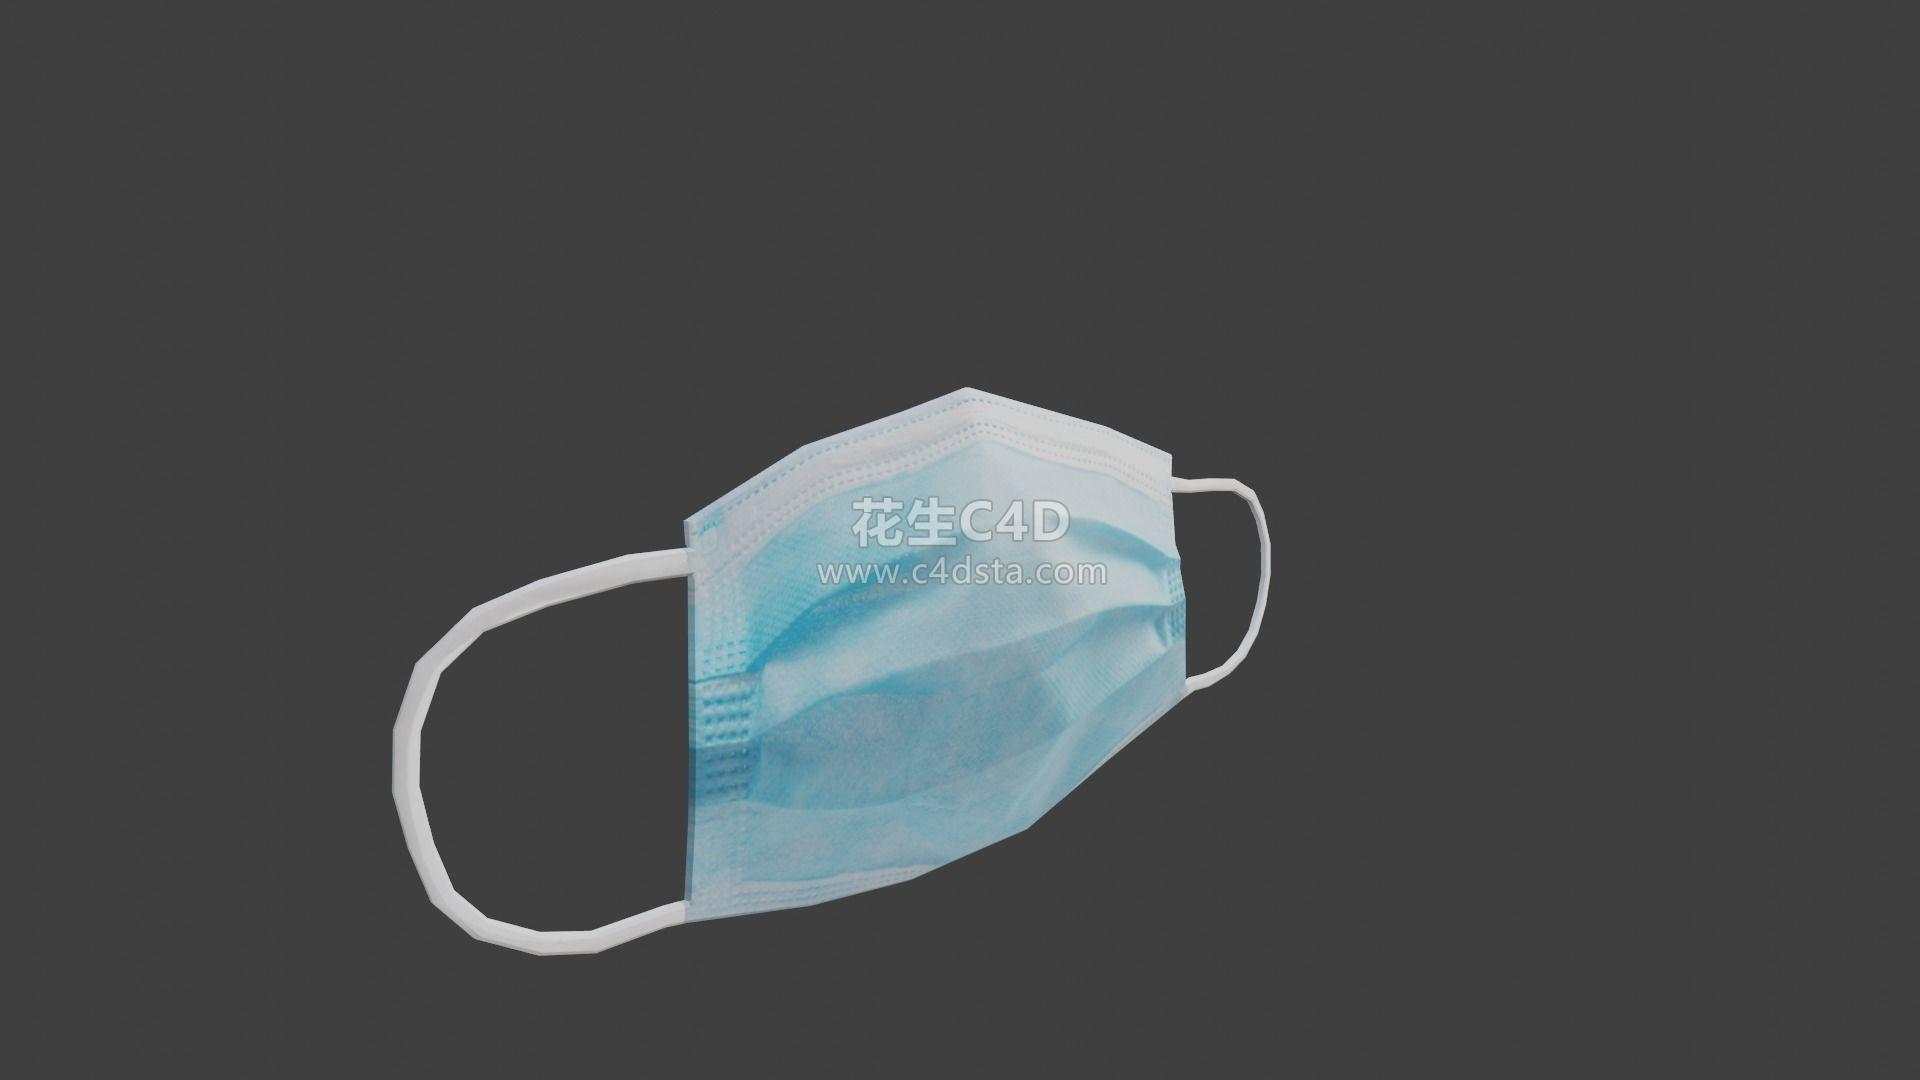 三维模型-一次性医用口罩医生手术口罩细菌病毒防护口罩 626CG资源站